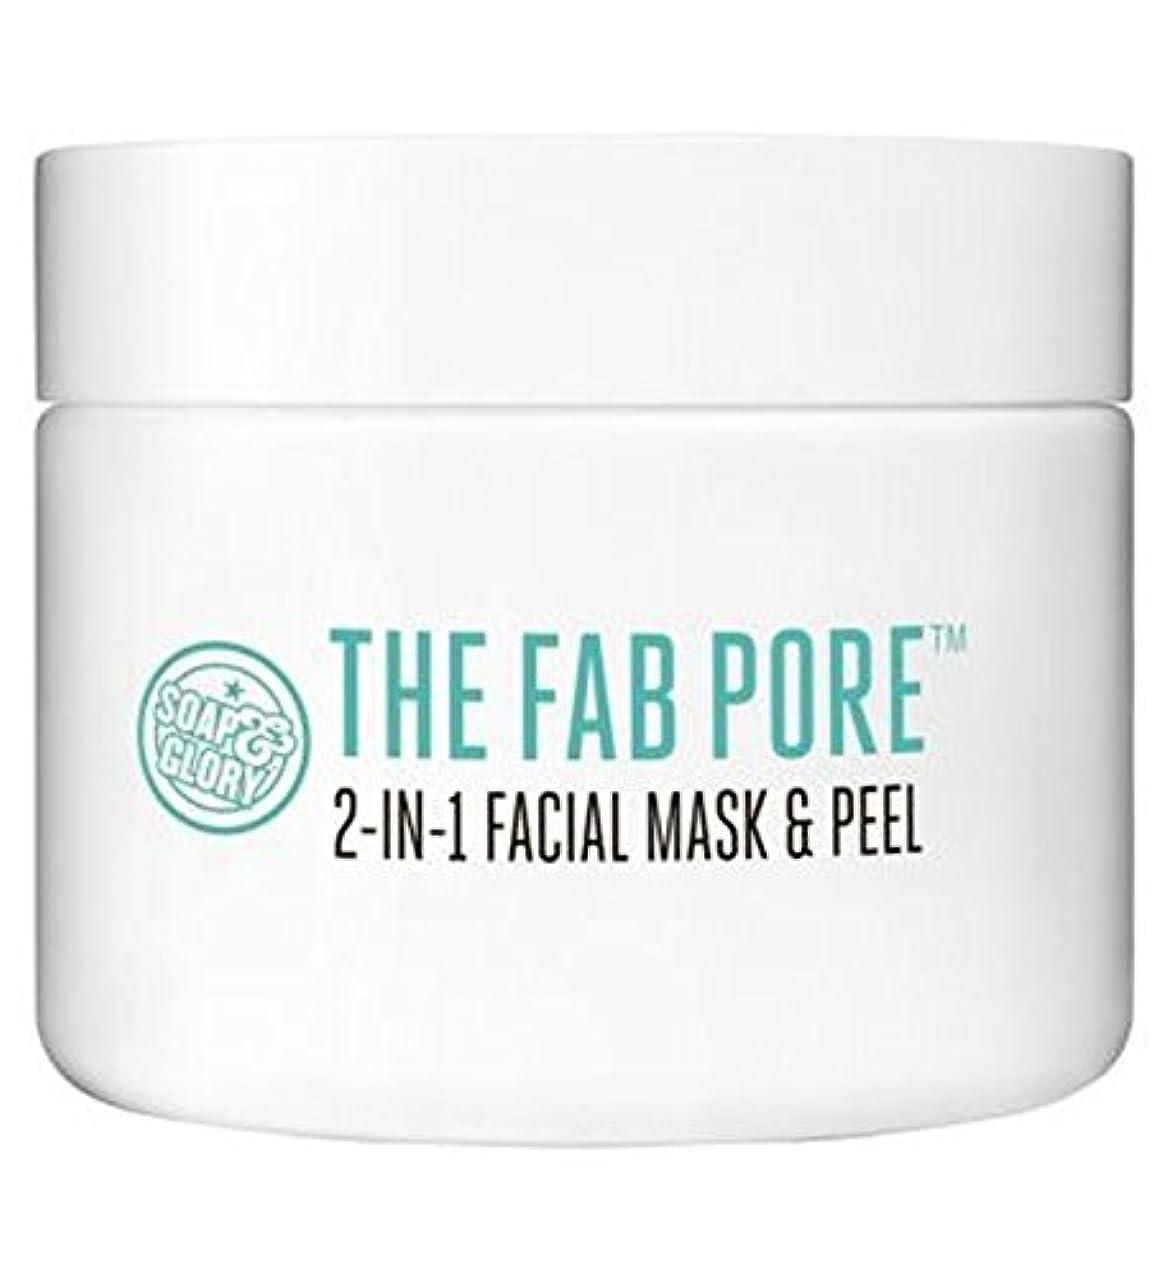 対処ショッキング半径Soap & Glory? Fab Pore? 2-in-1 Facial Pore Purifying Mask & Peel - ファブ細孔?2イン1顔の細孔浄化マスク&ピール?石鹸&栄光 (Soap & Glory...